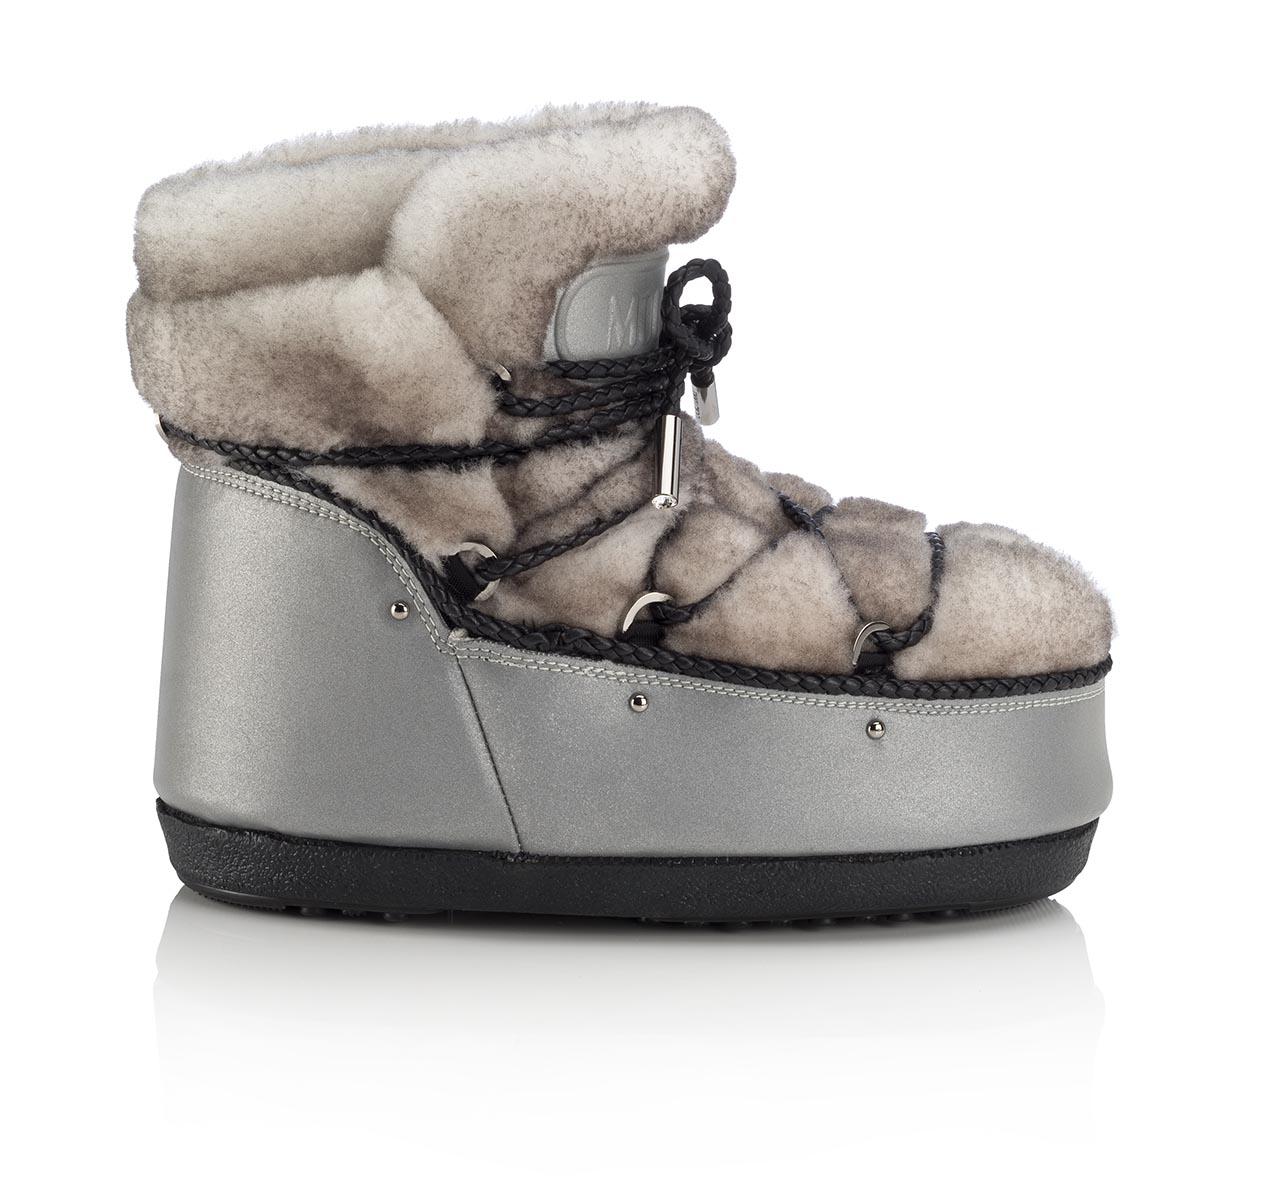 Jimmy Choo Moon Boot